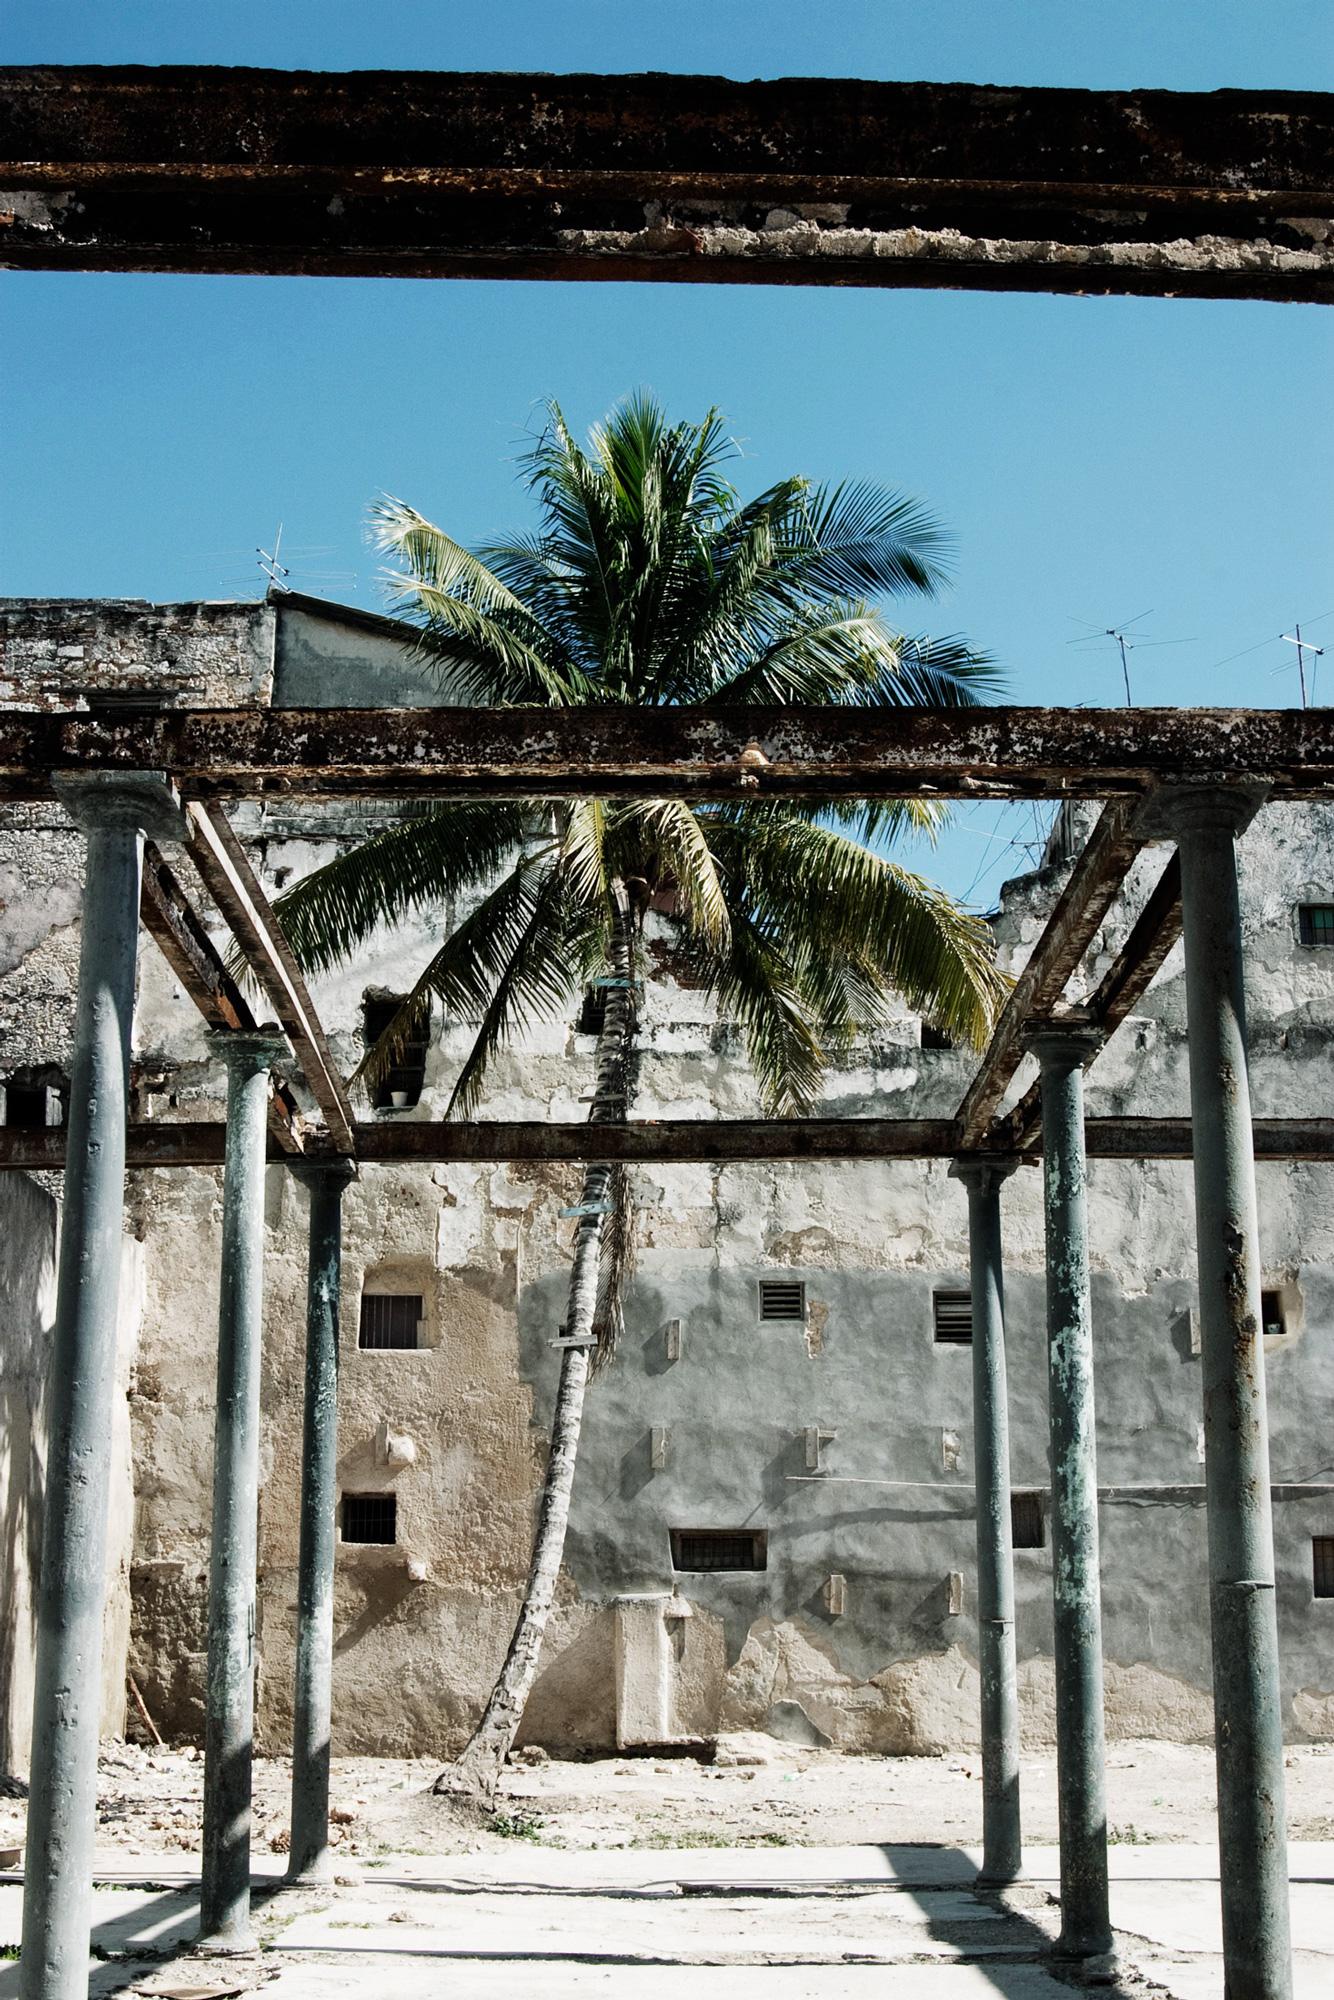 Cuba palmier mur poutres